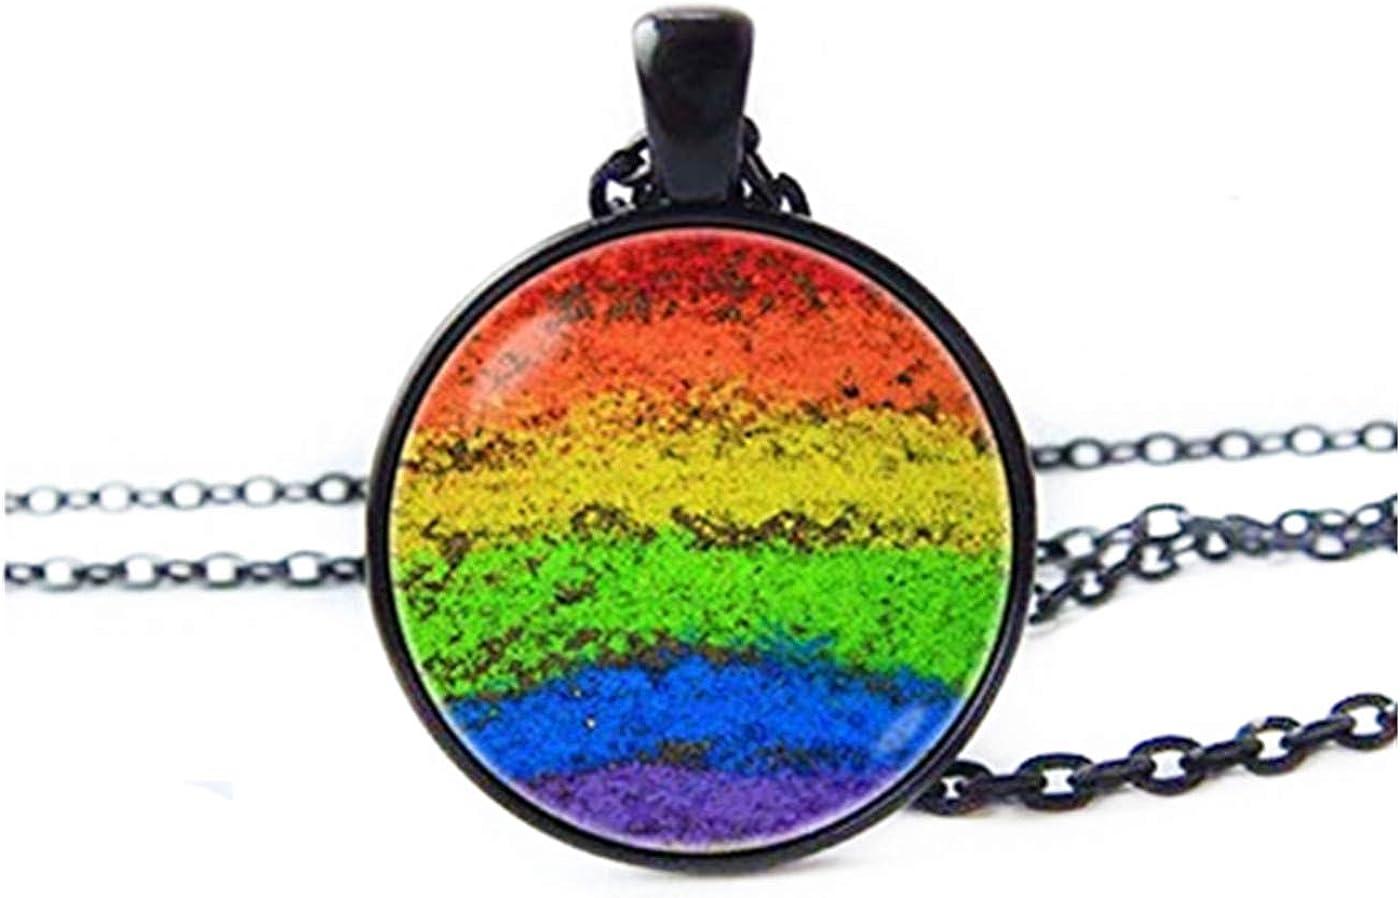 Rainbow necklace rainbow baby gift colourful necklace button necklace rainbow lgbt, necklace rainbow rainbow bridge rainbow chain